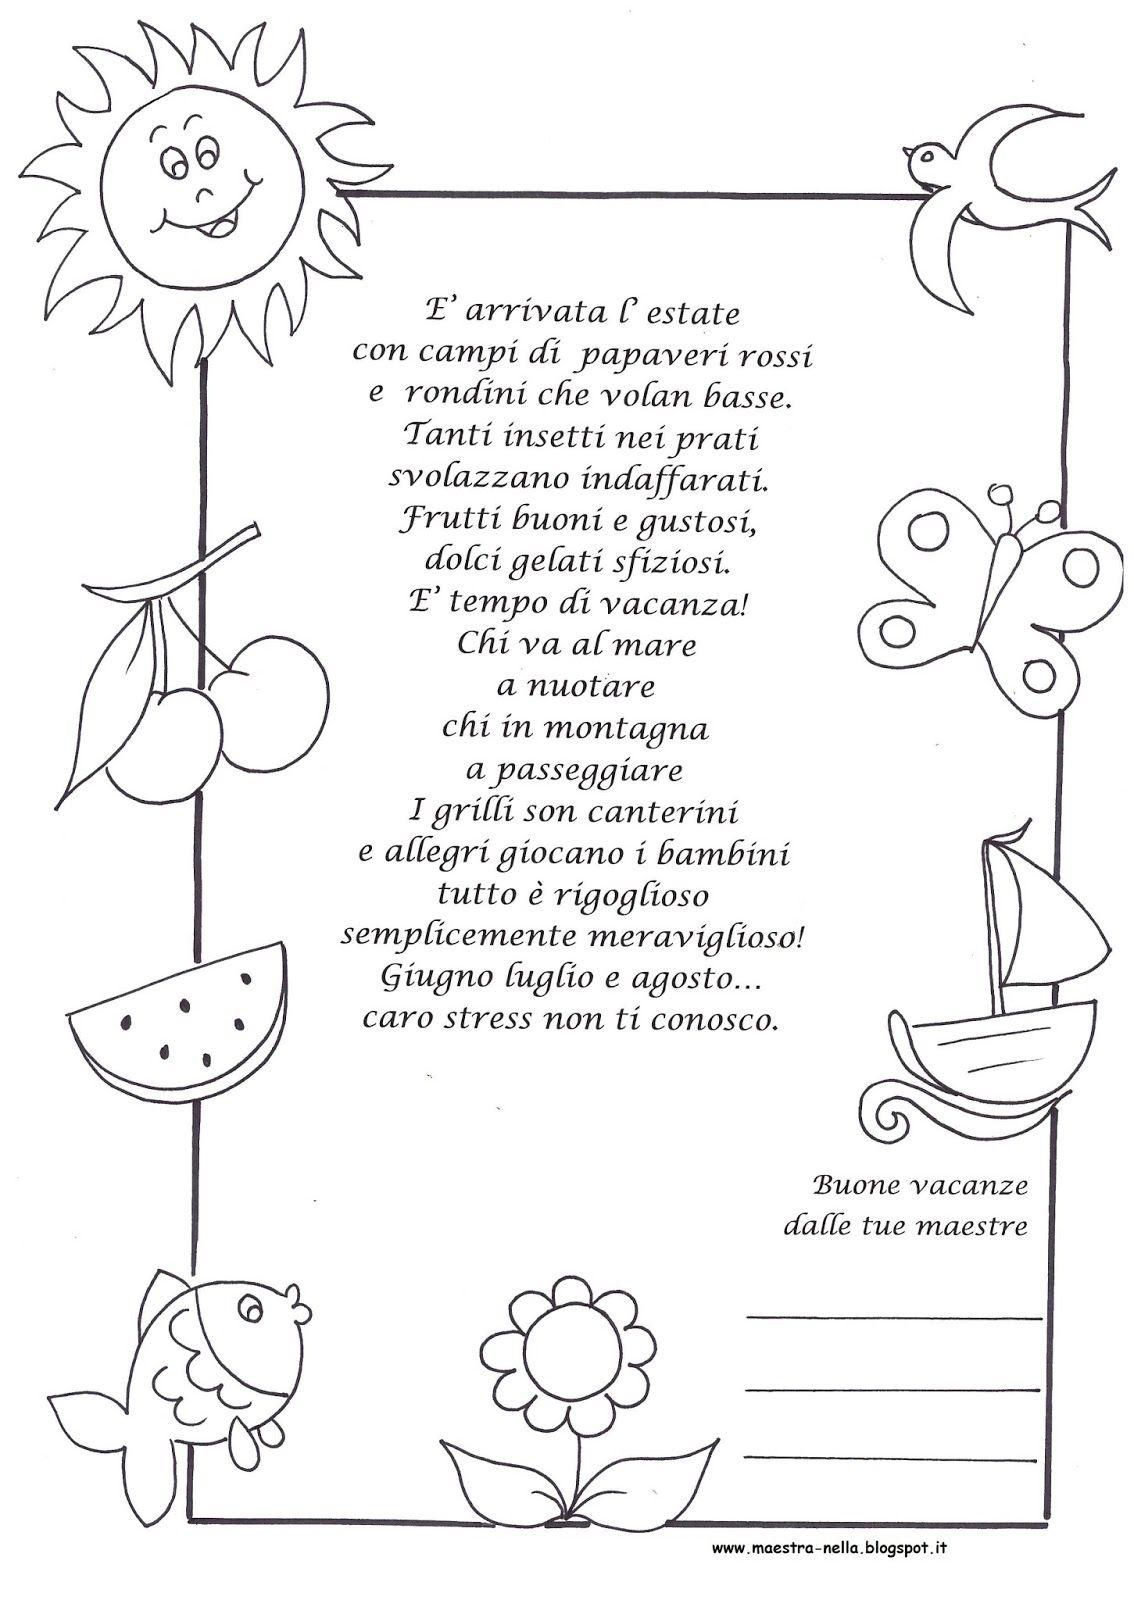 Maestra nella poesia arrivata l 39 estate cartelloni for Maestra gemma diritti dei bambini